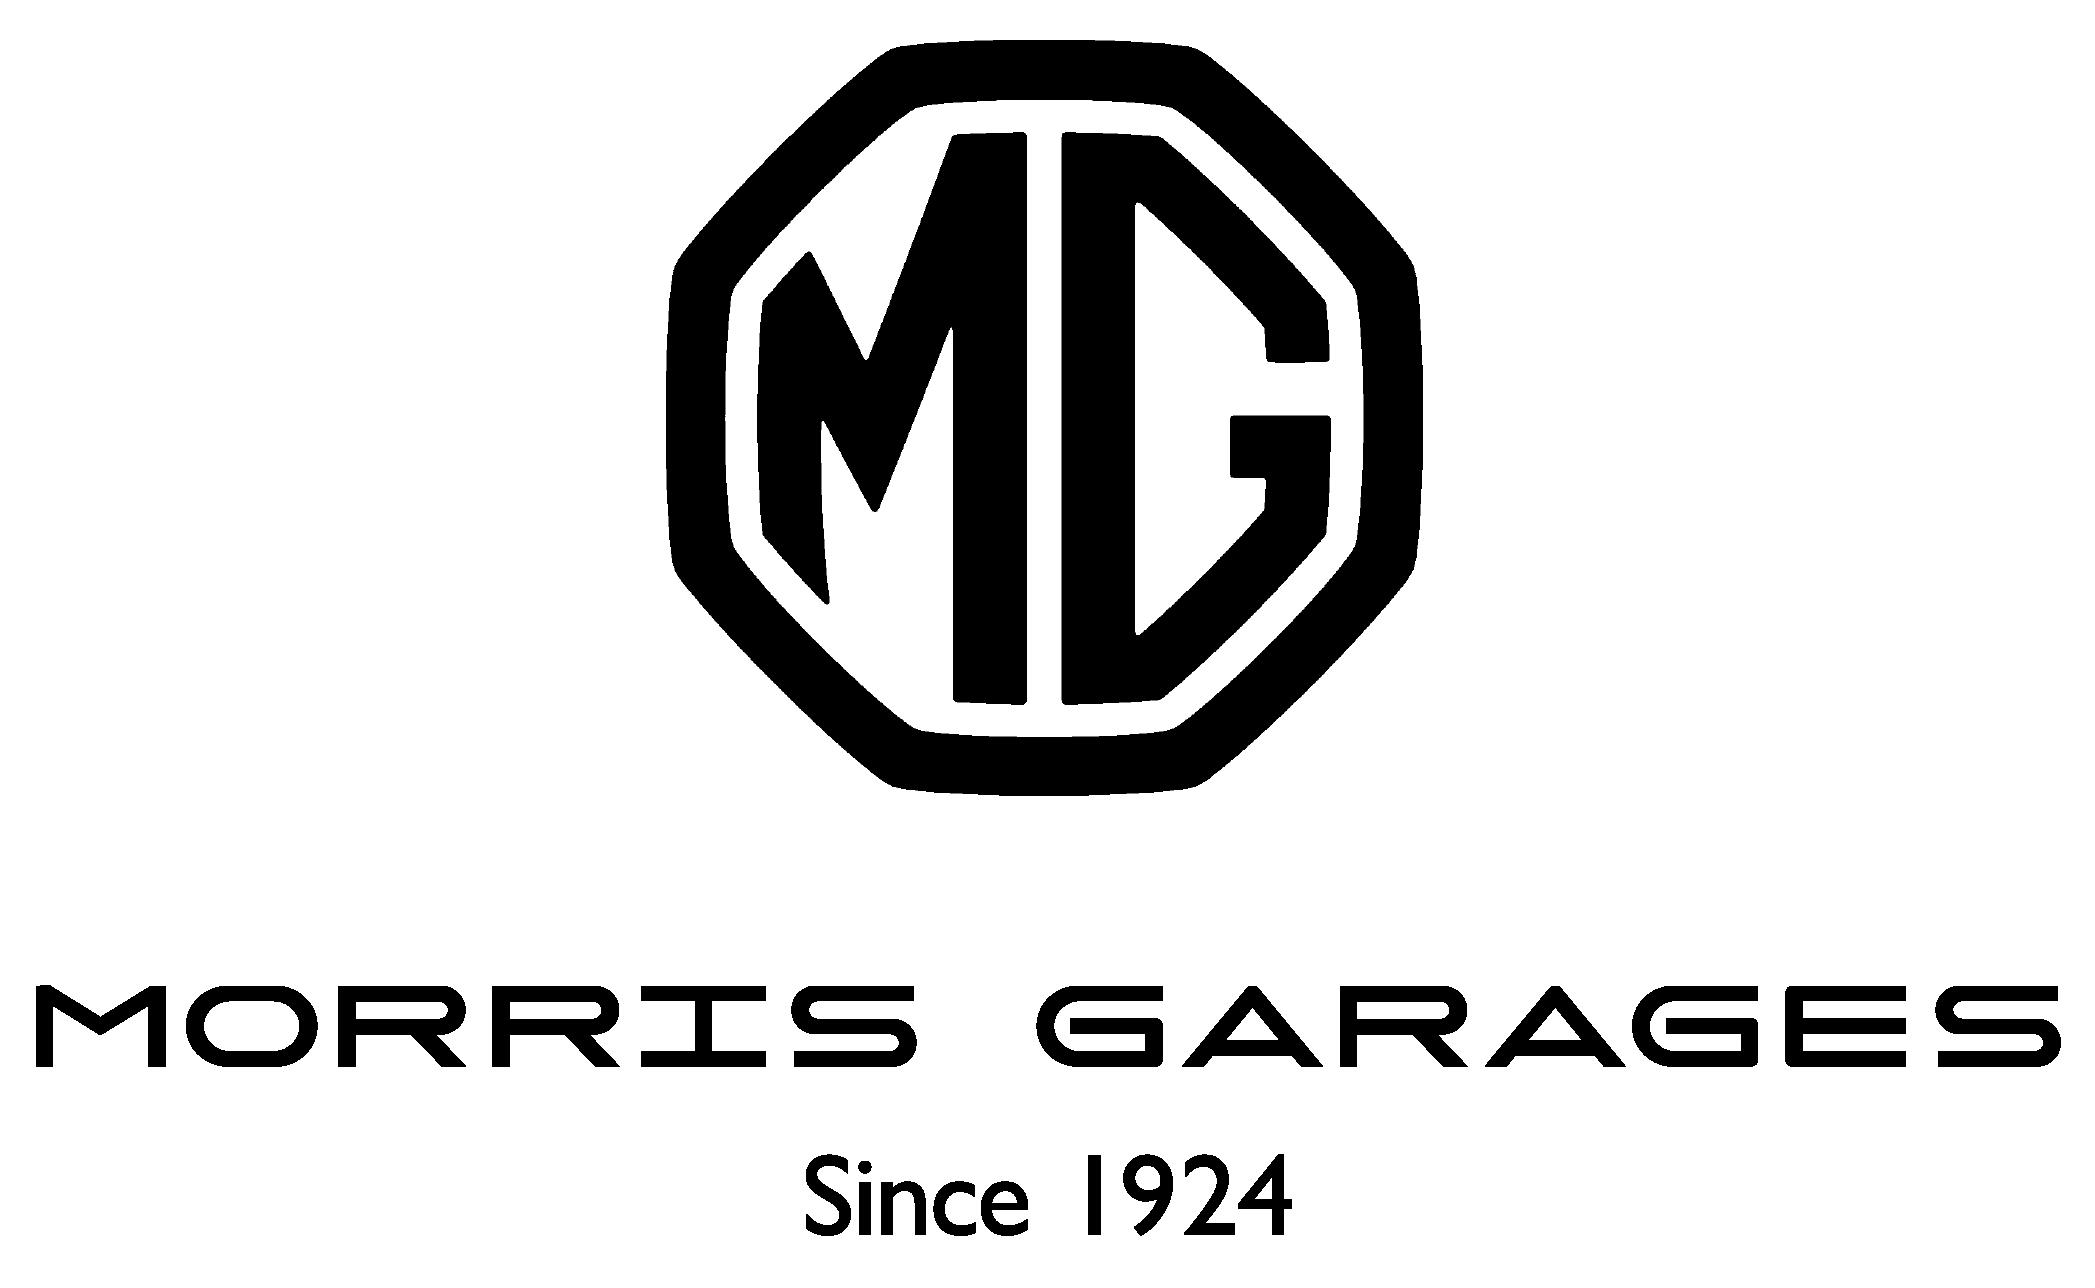 https://assets.roar.media/assets/KzRKqOsMpaoLReED_MG_Logo-02-(1).png